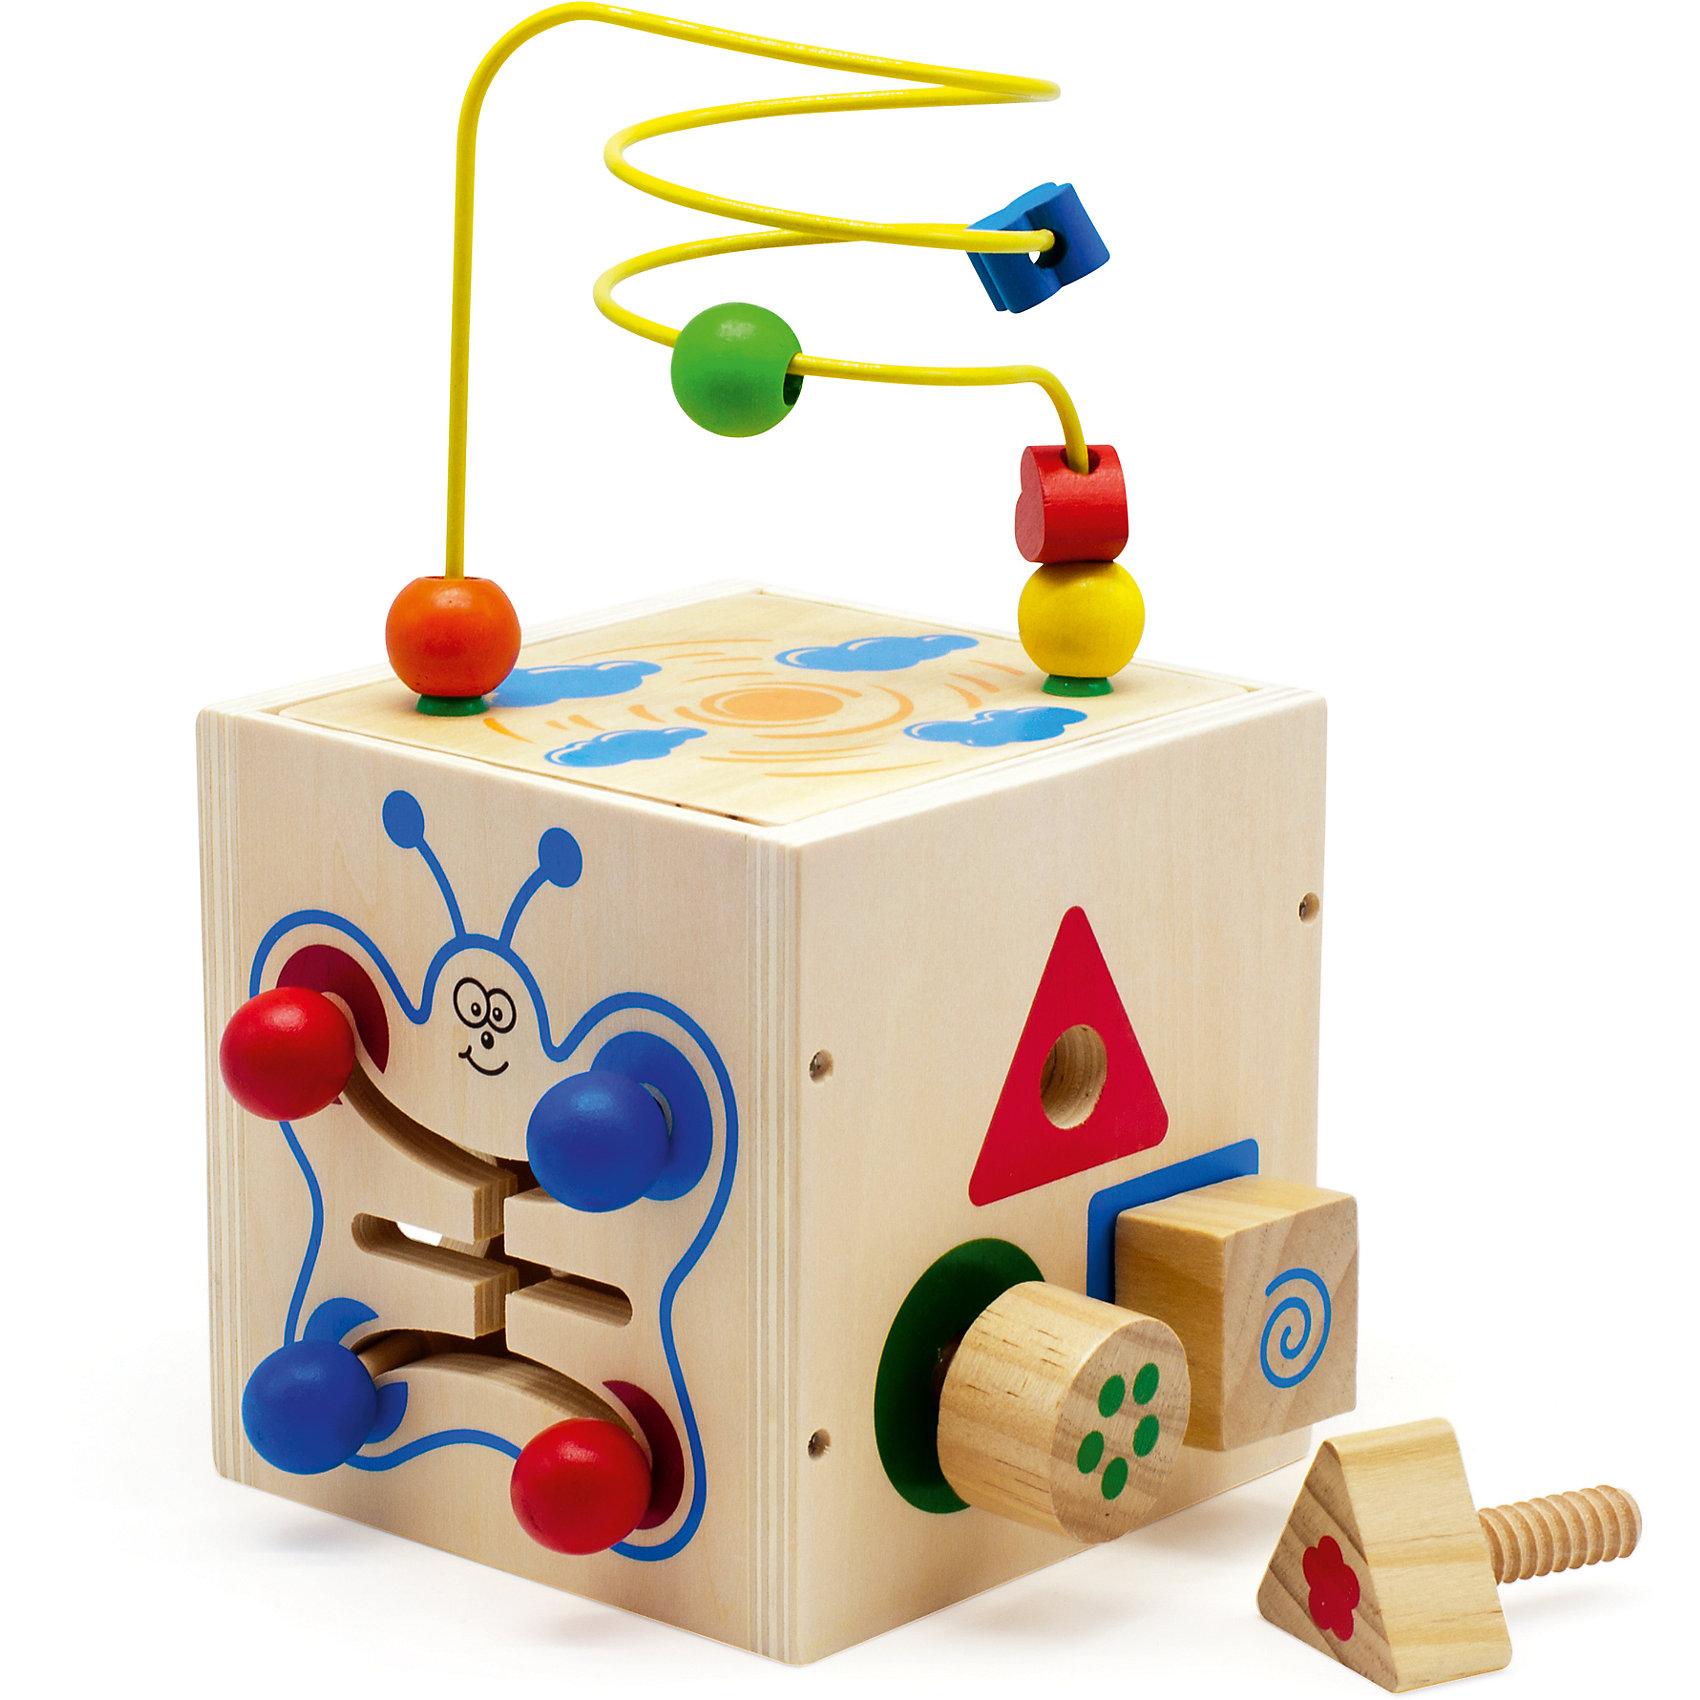 Куб-лабиринт 5 в 1, Мир деревянных игрушек